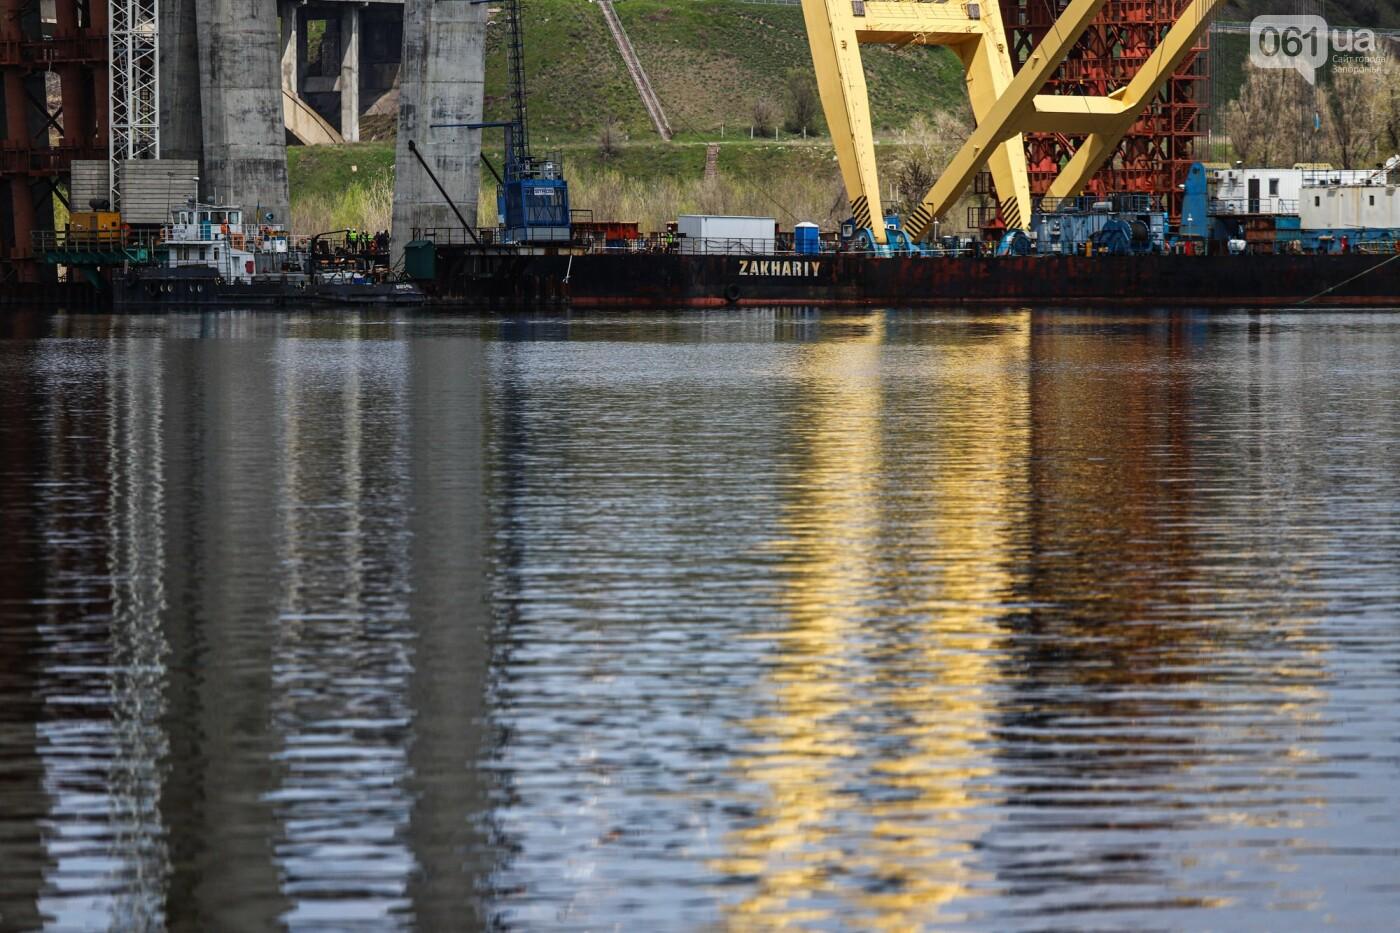 В Запорожье монтируют первый блок вантового моста, - ФОТОРЕПОРТАЖ, фото-9